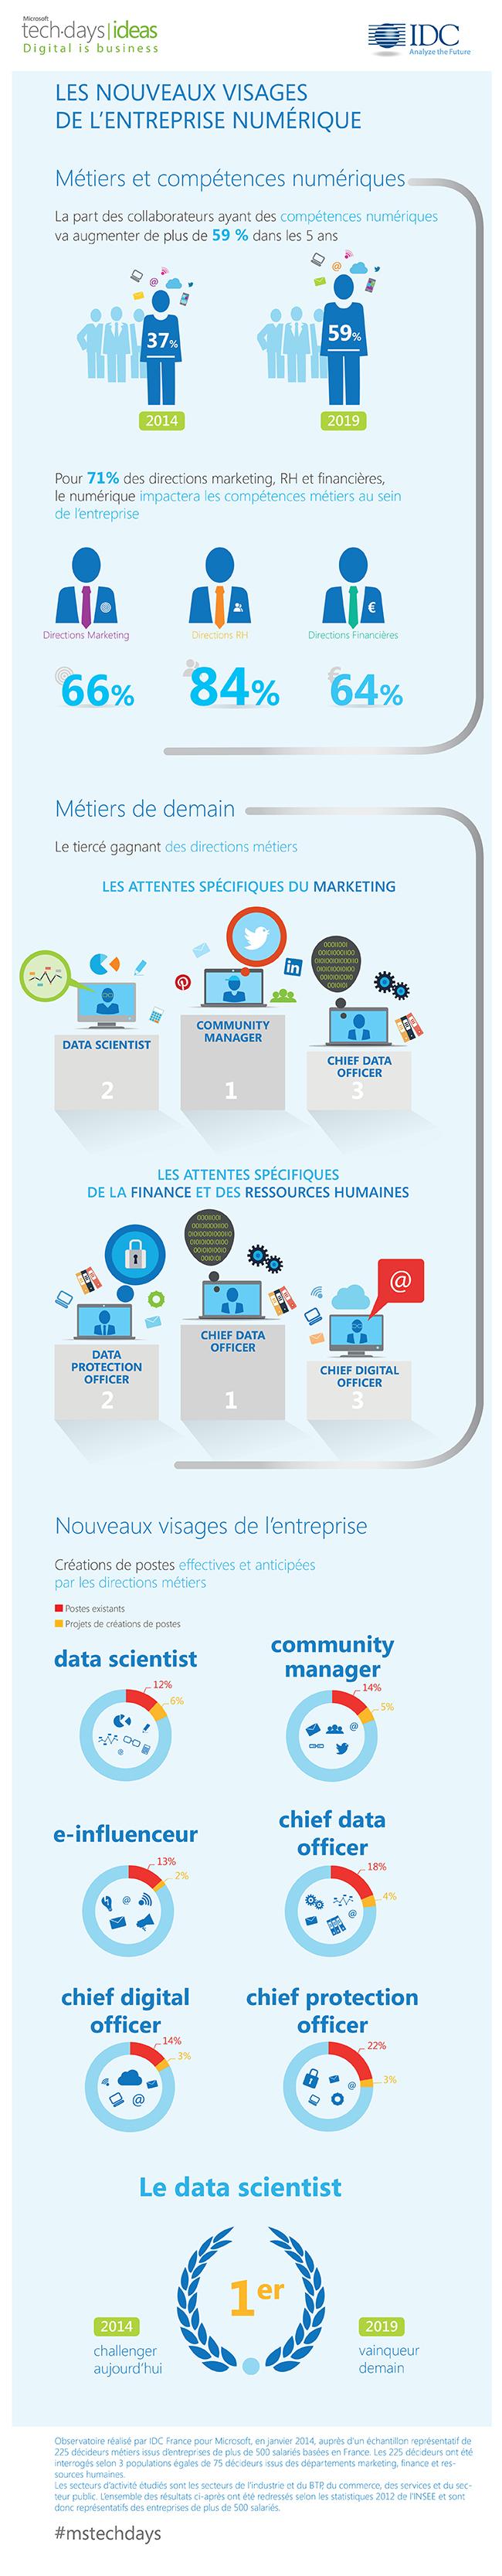 Direction financière et transformation numérique